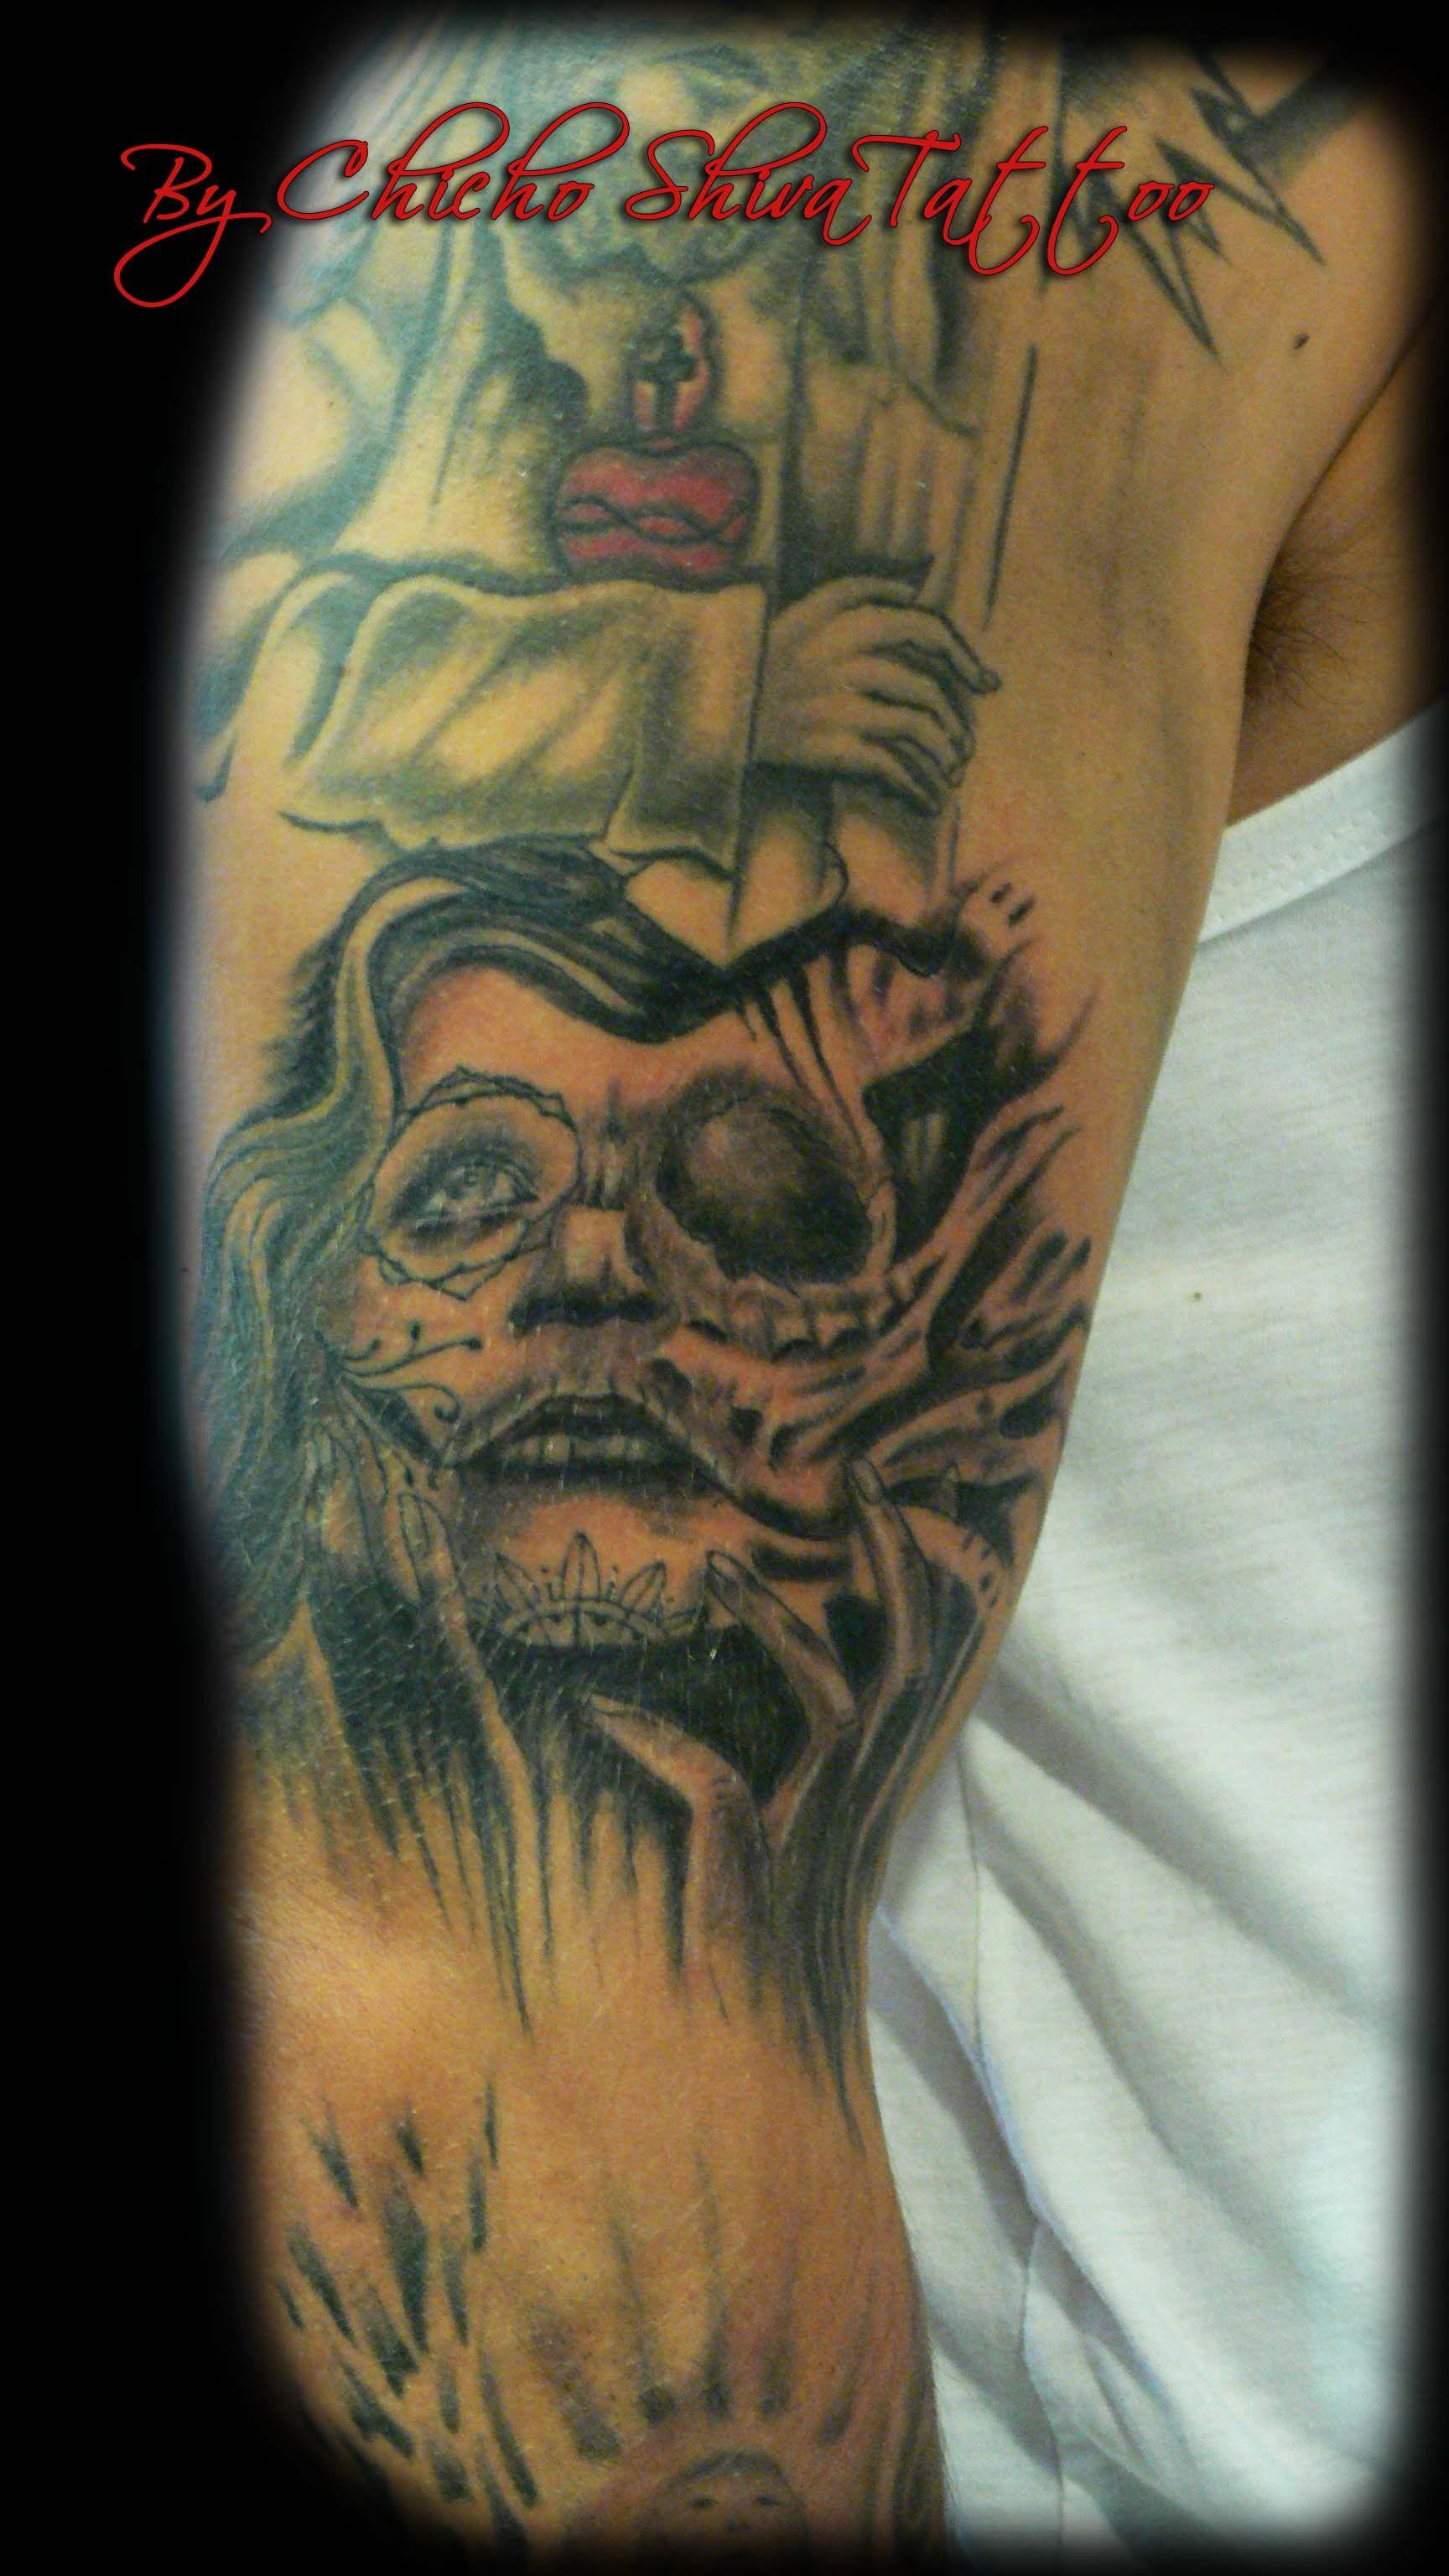 Tatuaje Catrina Brazo Tatuajes By Chicho Shiva Tattoo Shiva